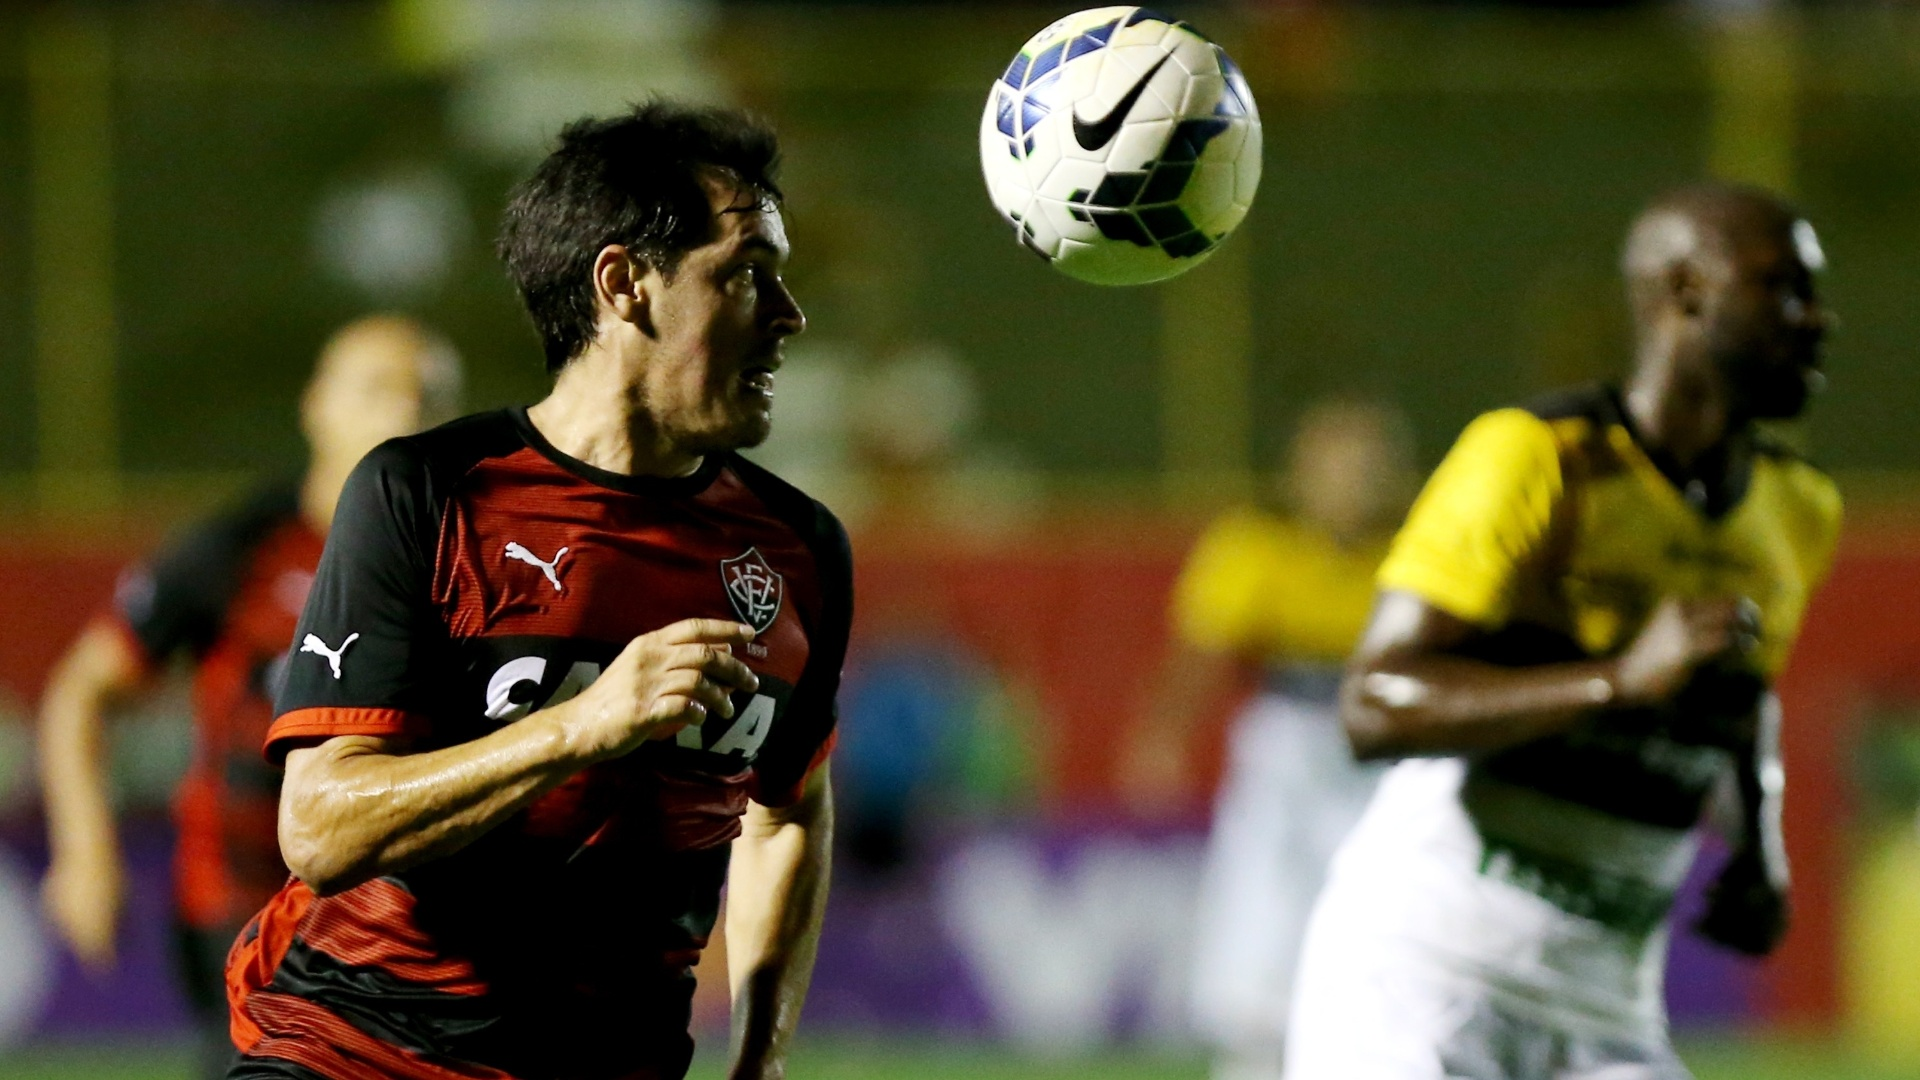 Cáceres tenta armar jogada para o Vitória contra o Criciúma